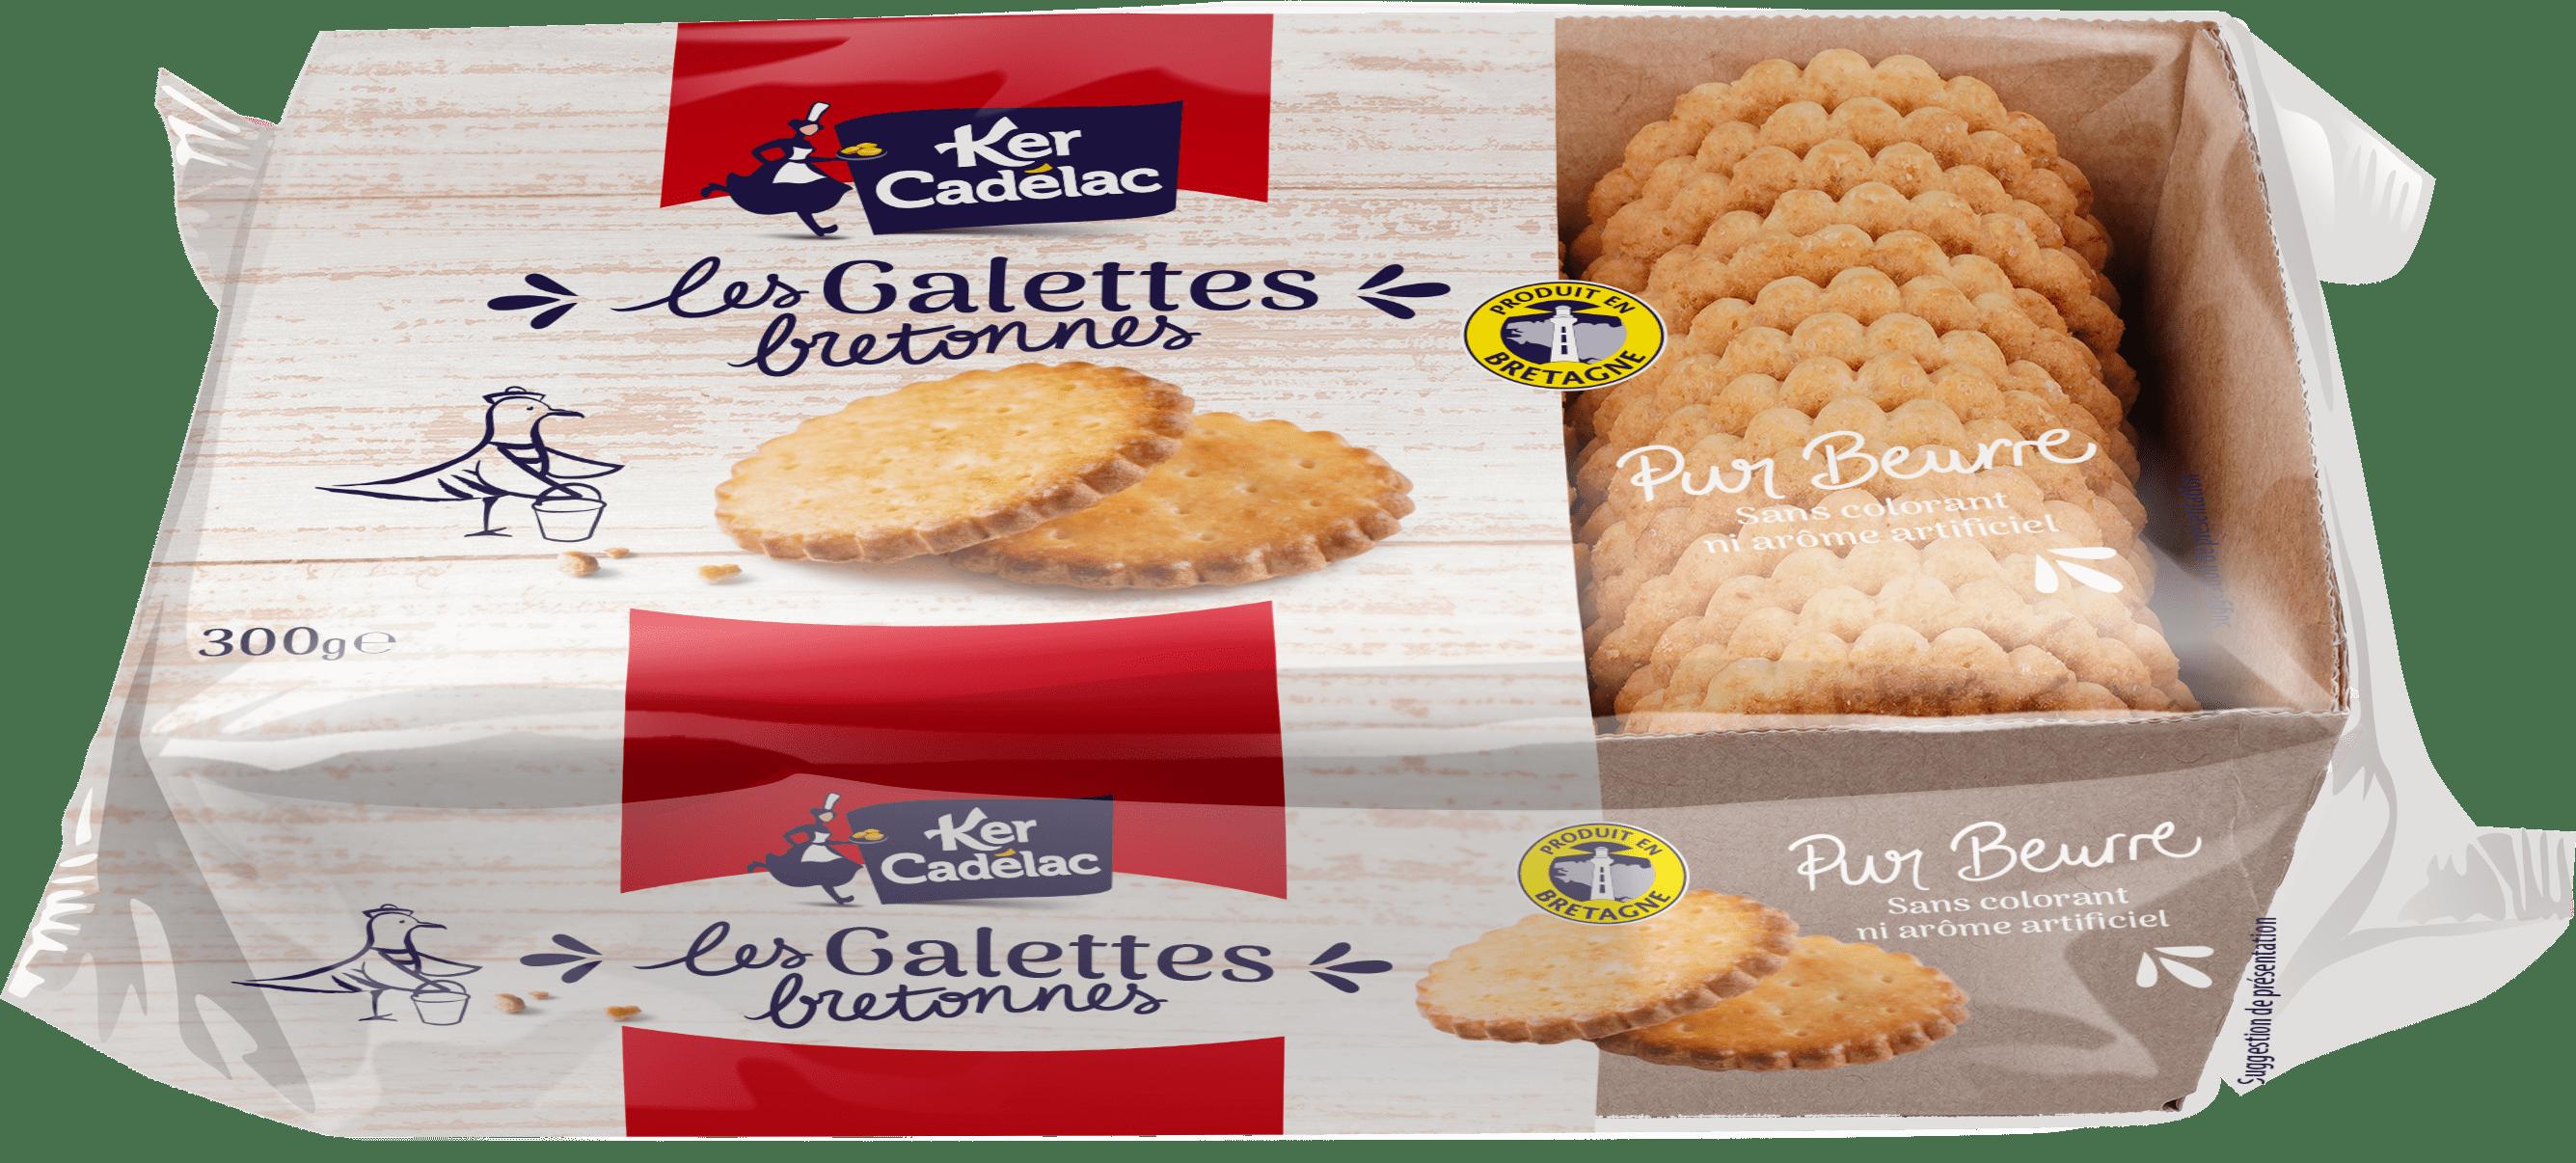 Galettes bretonnes pur beurre | Ker Cadélac